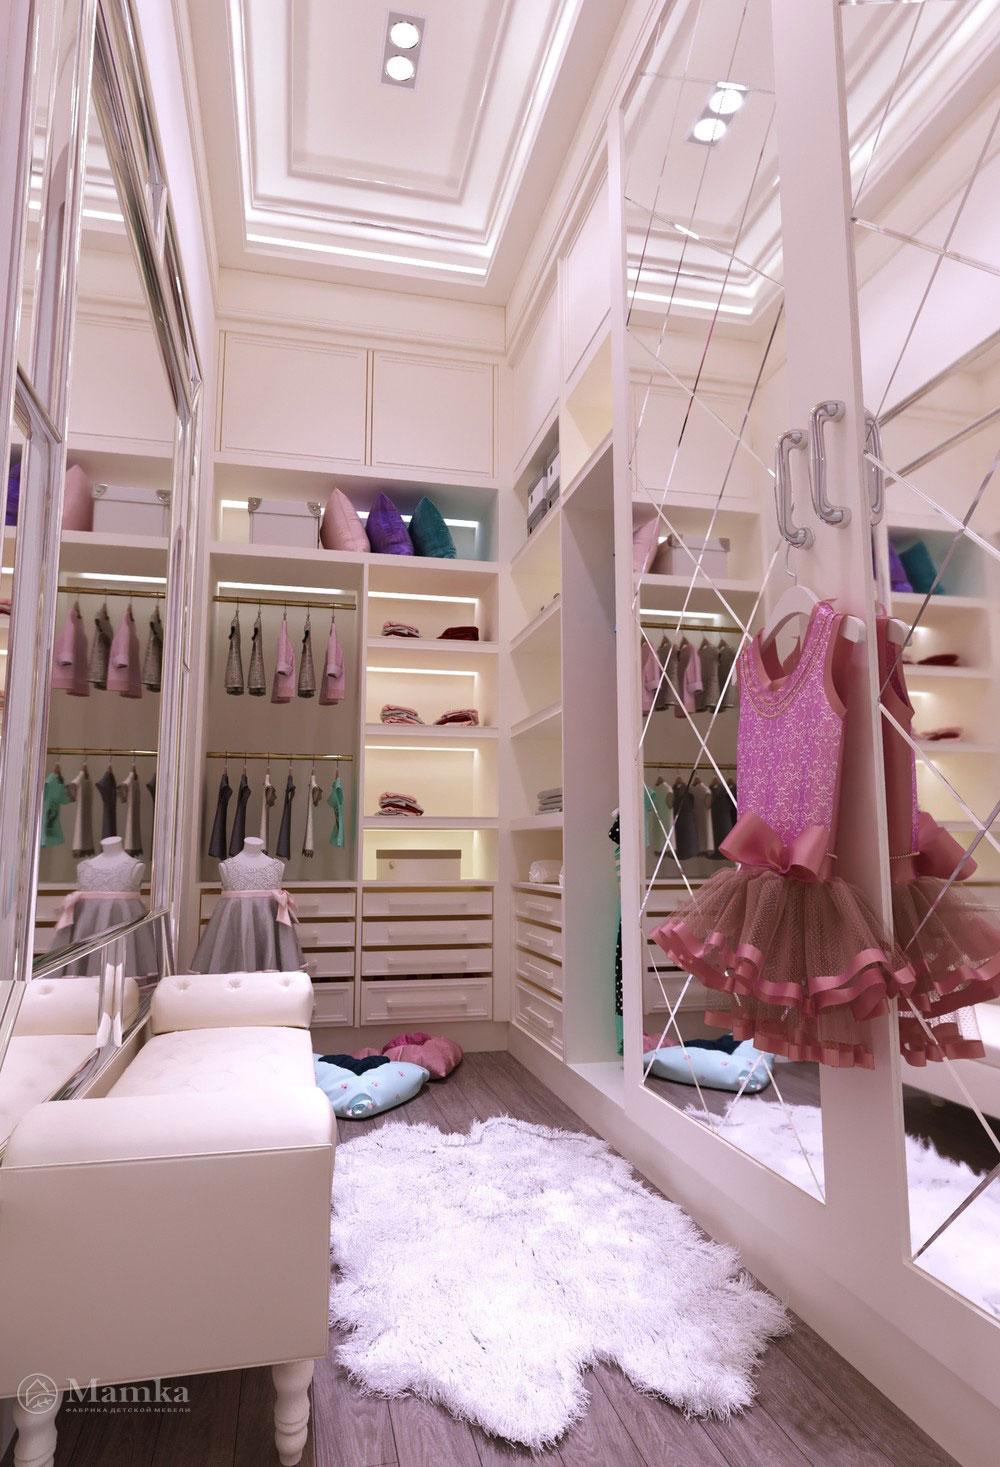 Утонченный дизайн маленькой детской комнаты для девочки в розовом тоне 6